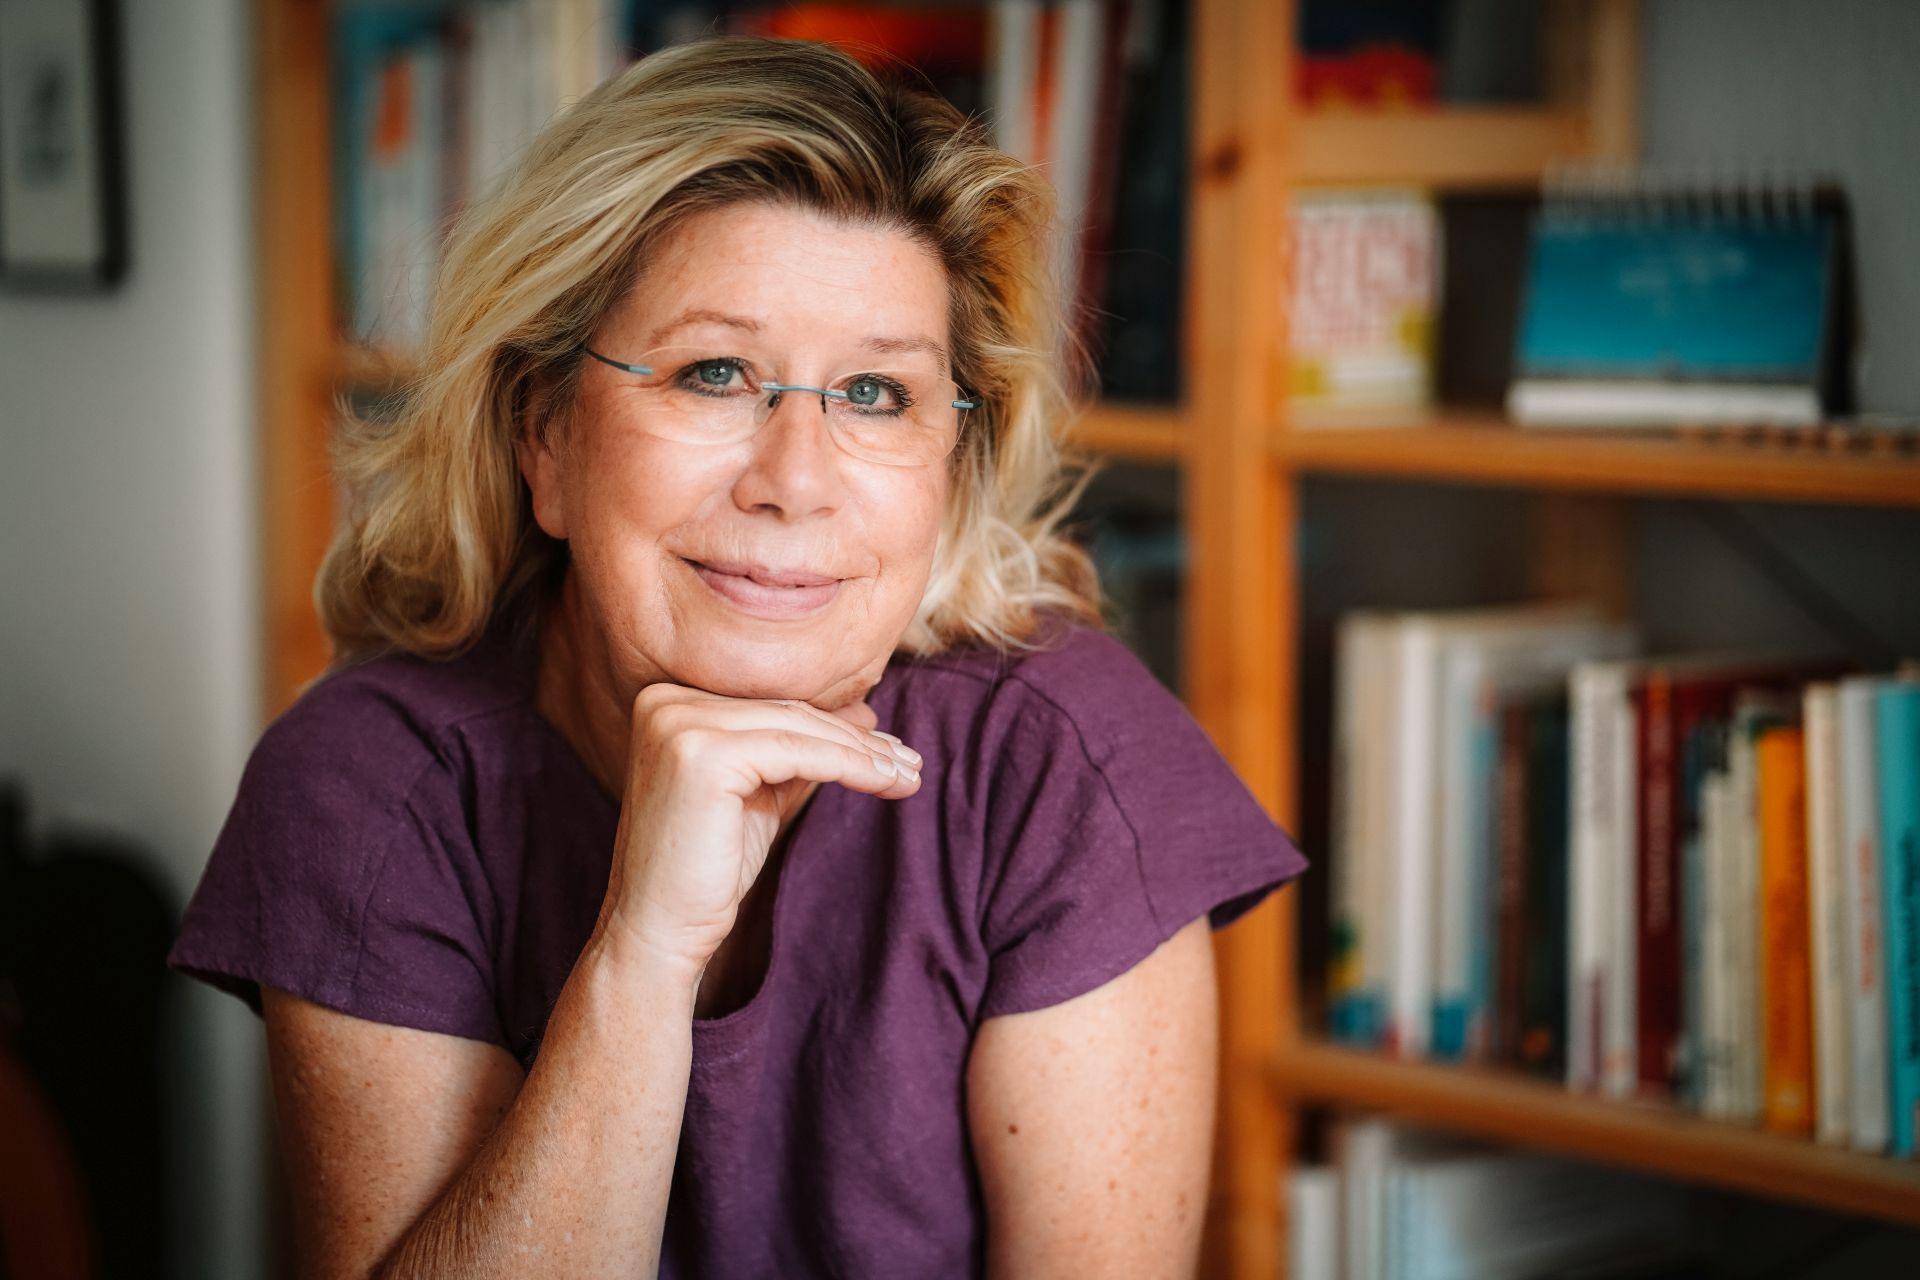 Gudrun Behm-Steidel Portrait Interview